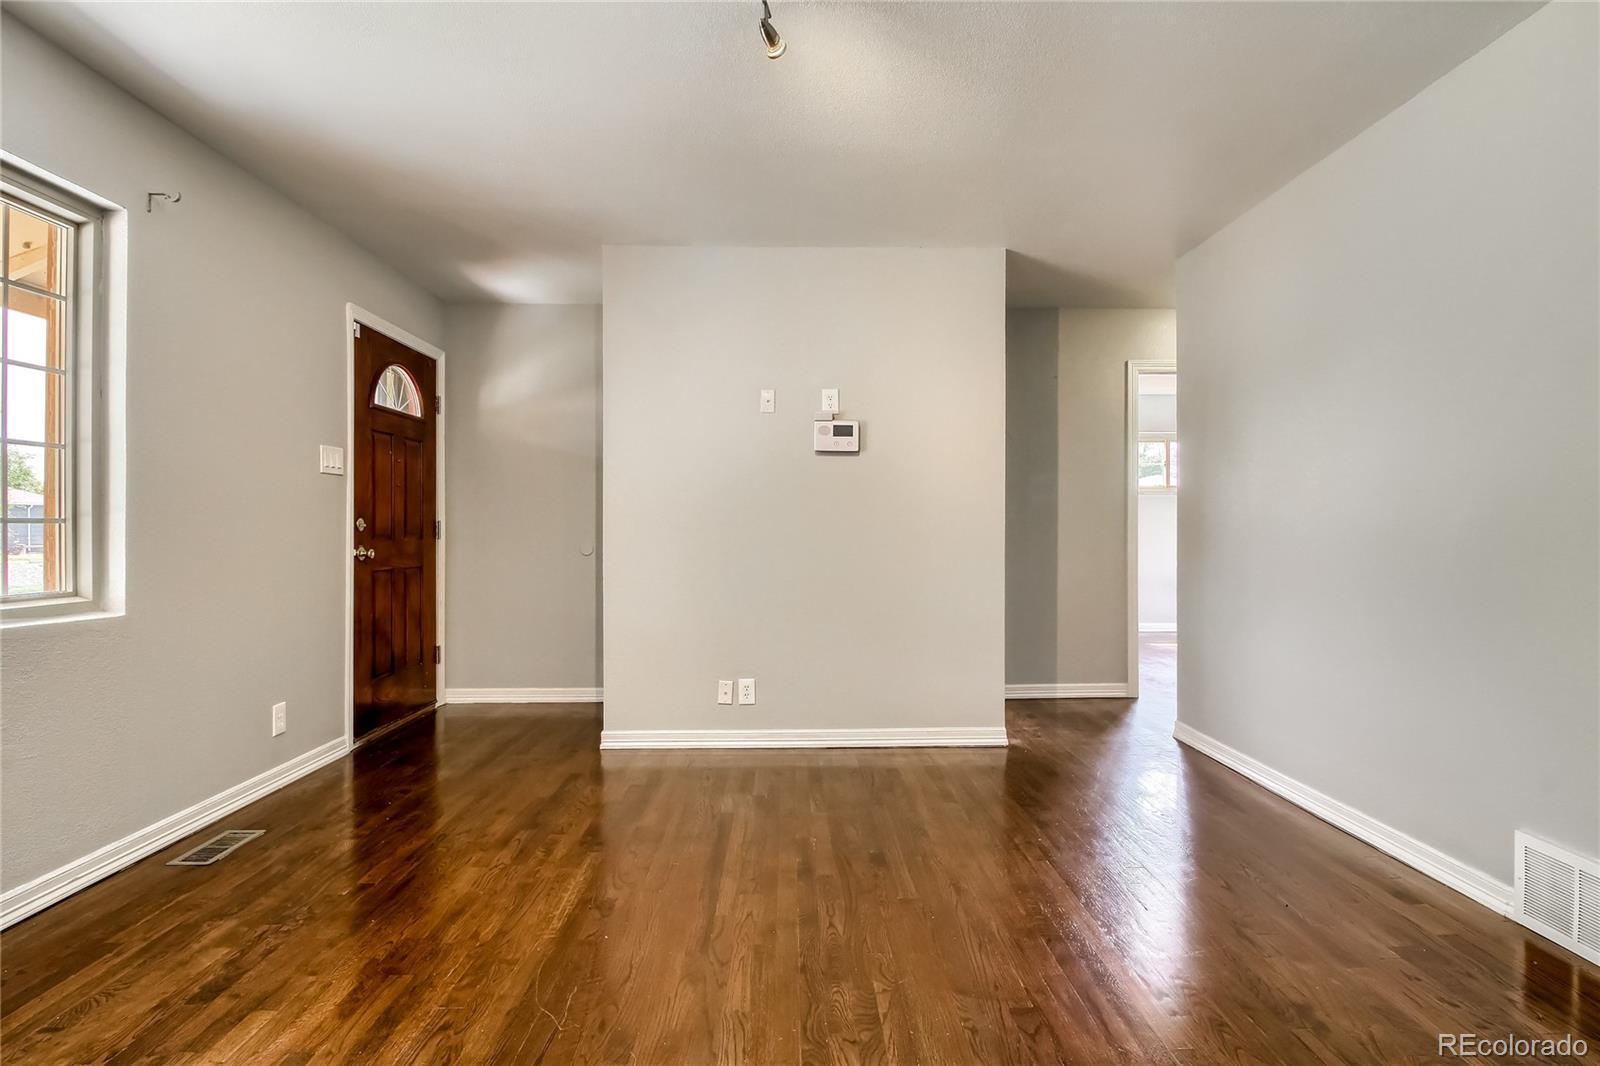 MLS# 4590560 - 10 - 2990 Eppinger Boulevard, Thornton, CO 80229